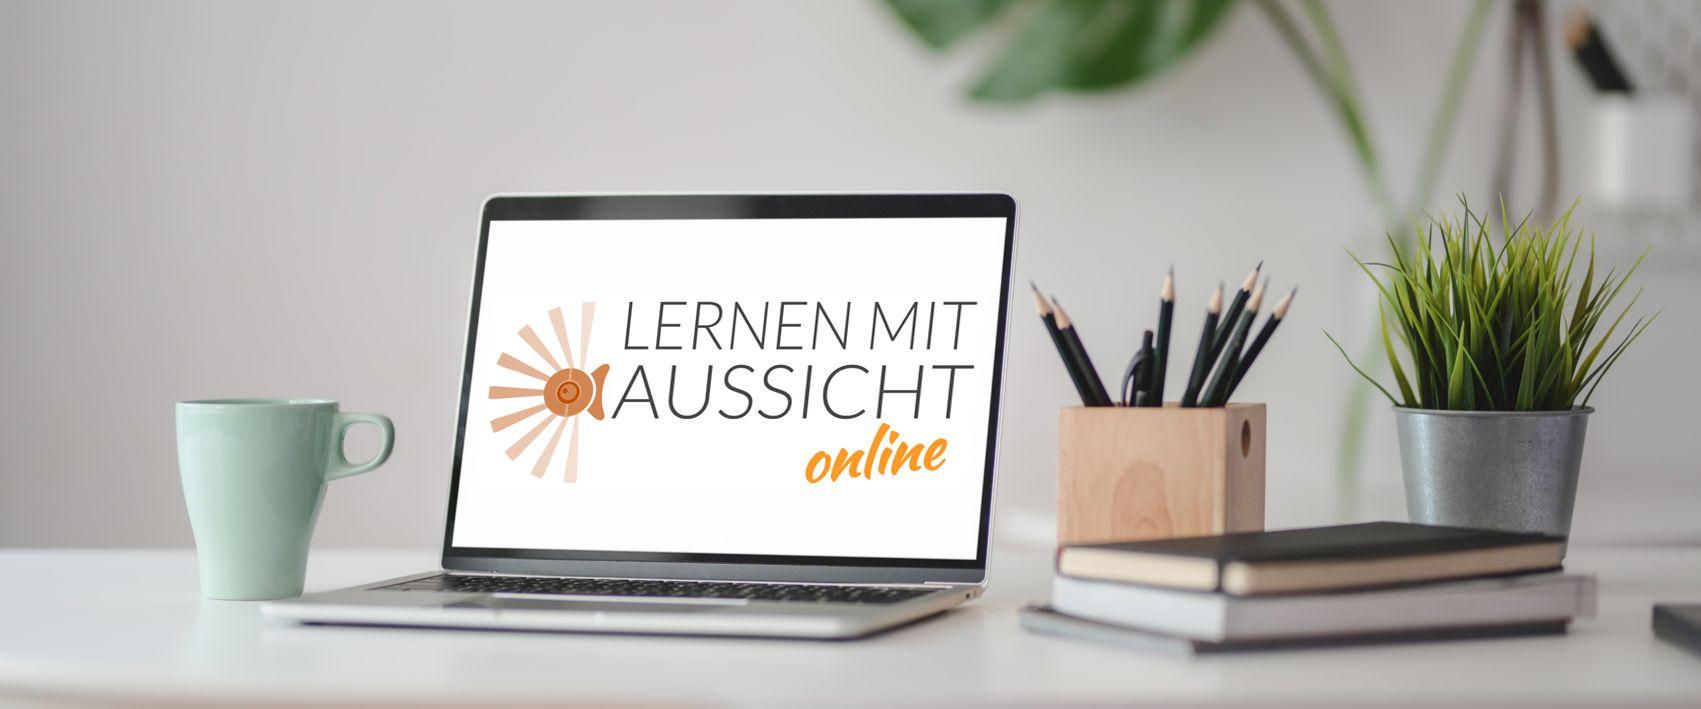 Online-Trainings-Webinare